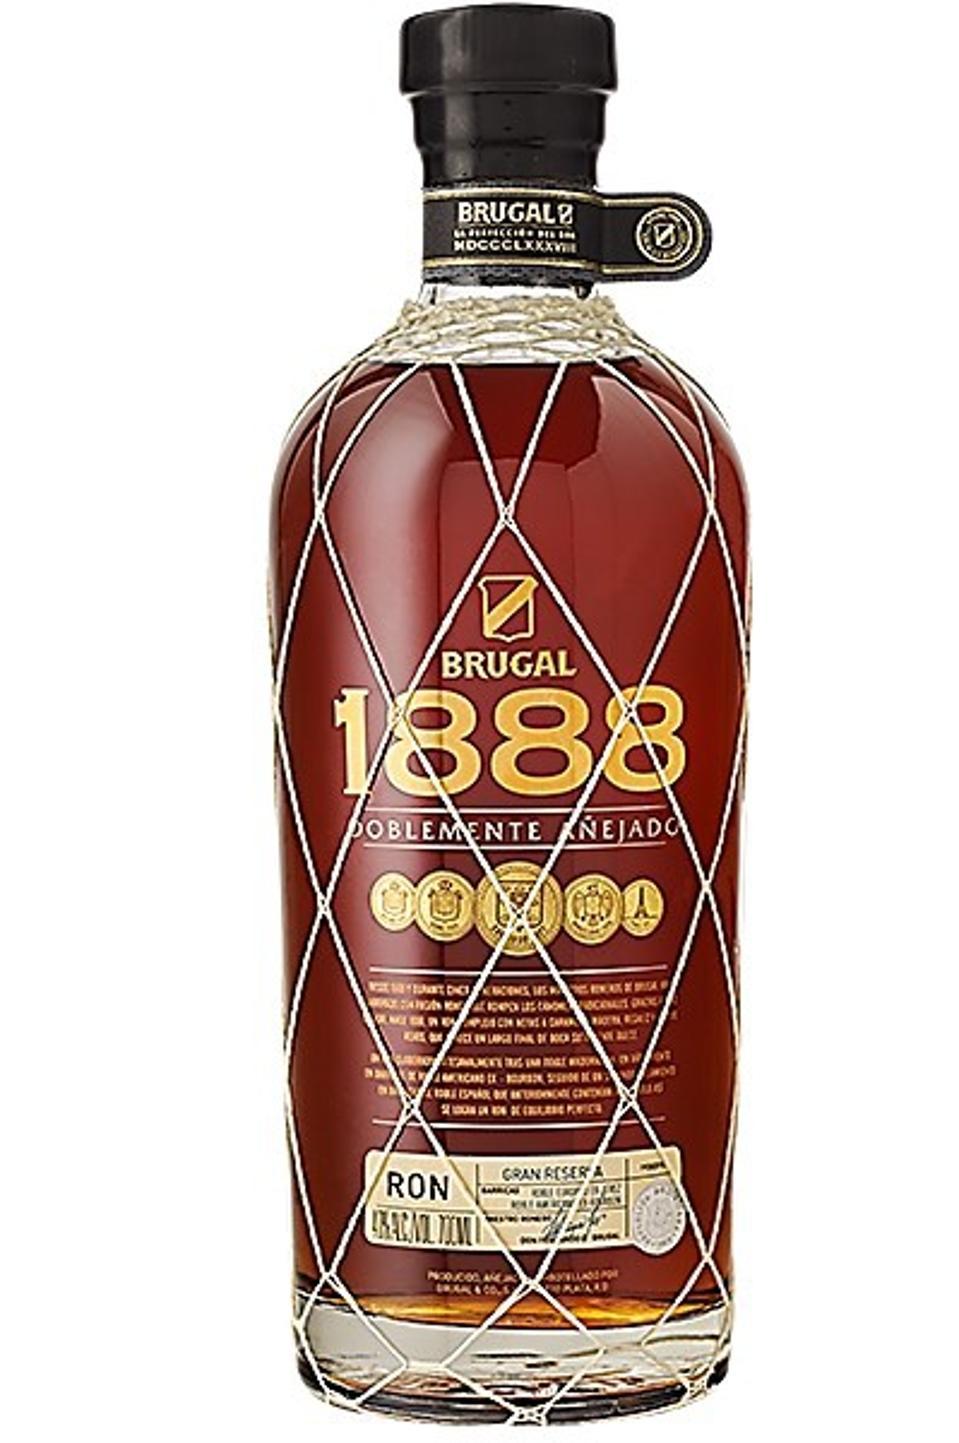 Brugal 1888, Doblemente Añejado